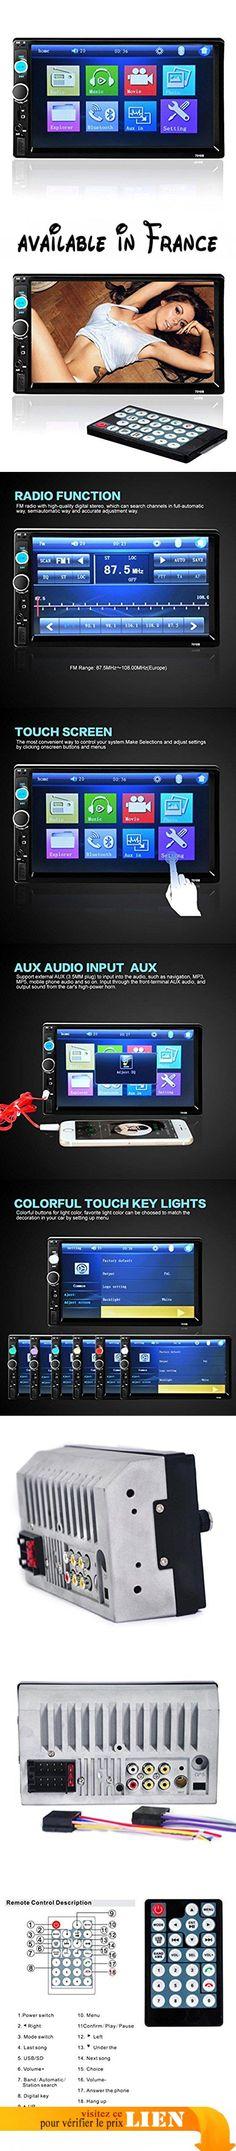 Ularma 7'' HD Bluetooth Écran tactile Voiture Stéréo Radio 2 DIN FM/MP5/MP3/USB/AUX. Fonction principale : MP5, interface USB/TF, FM, Bluetooth, caméra arrière, entrée Aux In. Format vidéo : RMVB/RM/FLV/3GP/MPEG/DIVX/XVID/DAT/VOB/AVI/MP4. Qté de canal/puissance de sortie amplificateur : 45W * 4. Interface : USB/TF/AUX IN. Format audio : MP3/WMA/WAV #GPS or Navigation System #GPS_OR_NAVIGATION_SYSTEM